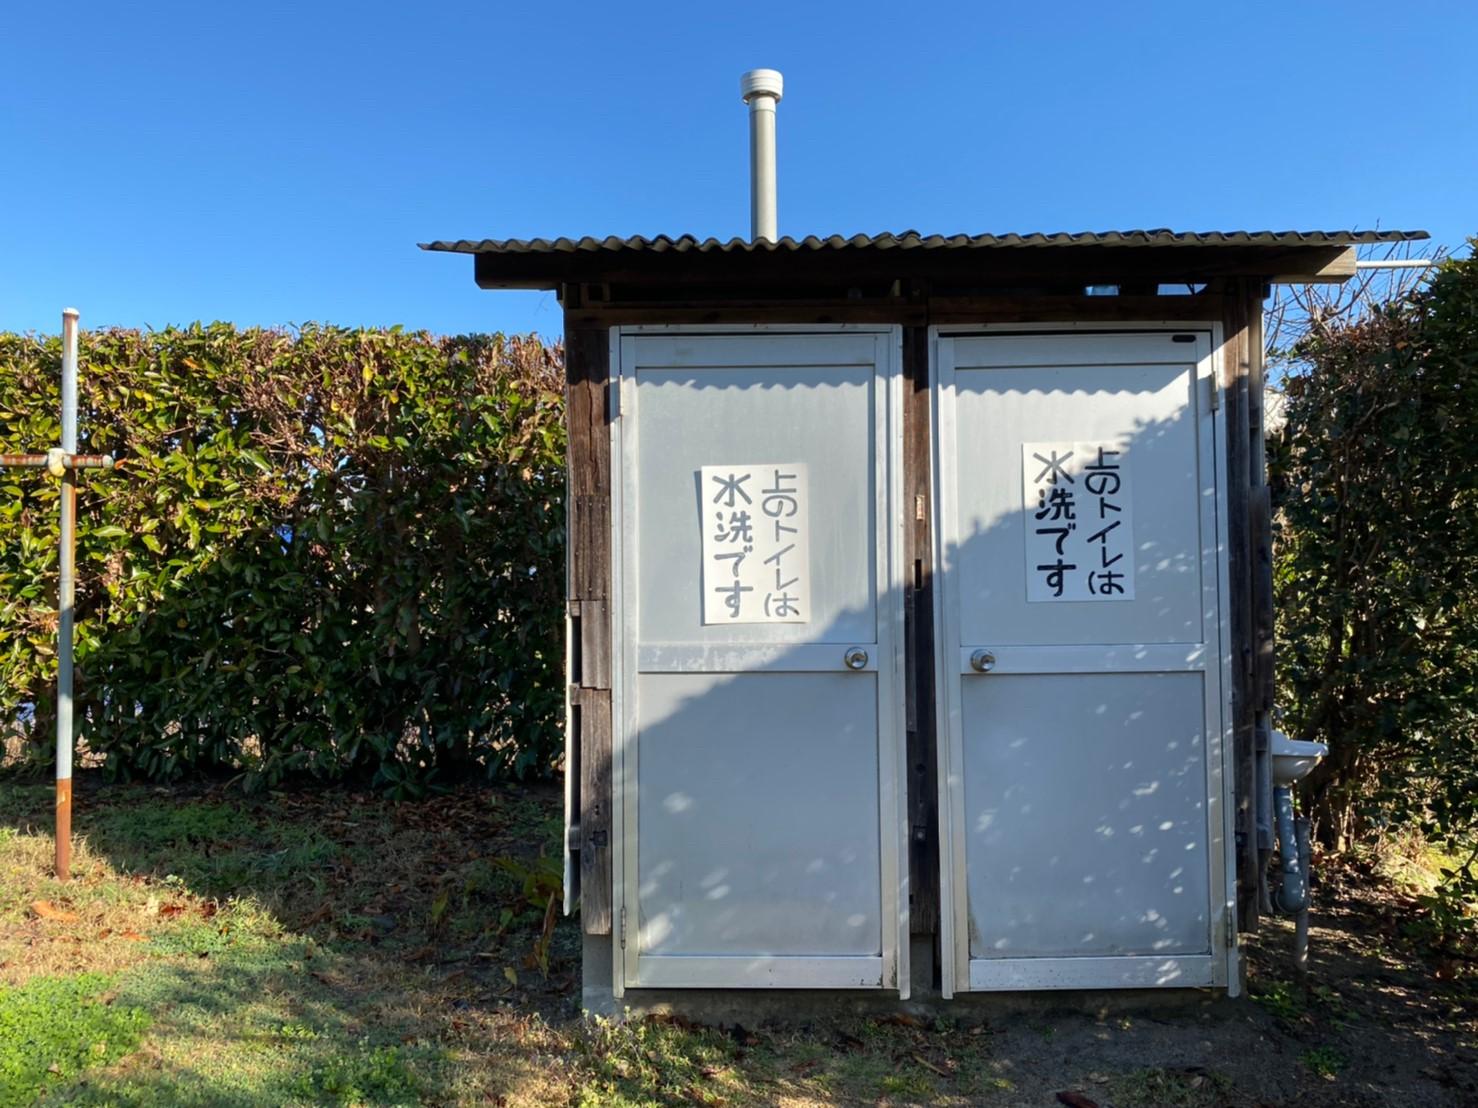 【緑と海に囲まれる!愛知県】『中日小野浦キャンプバンガロー村』の情報まとめ(駐車場・トイレ)